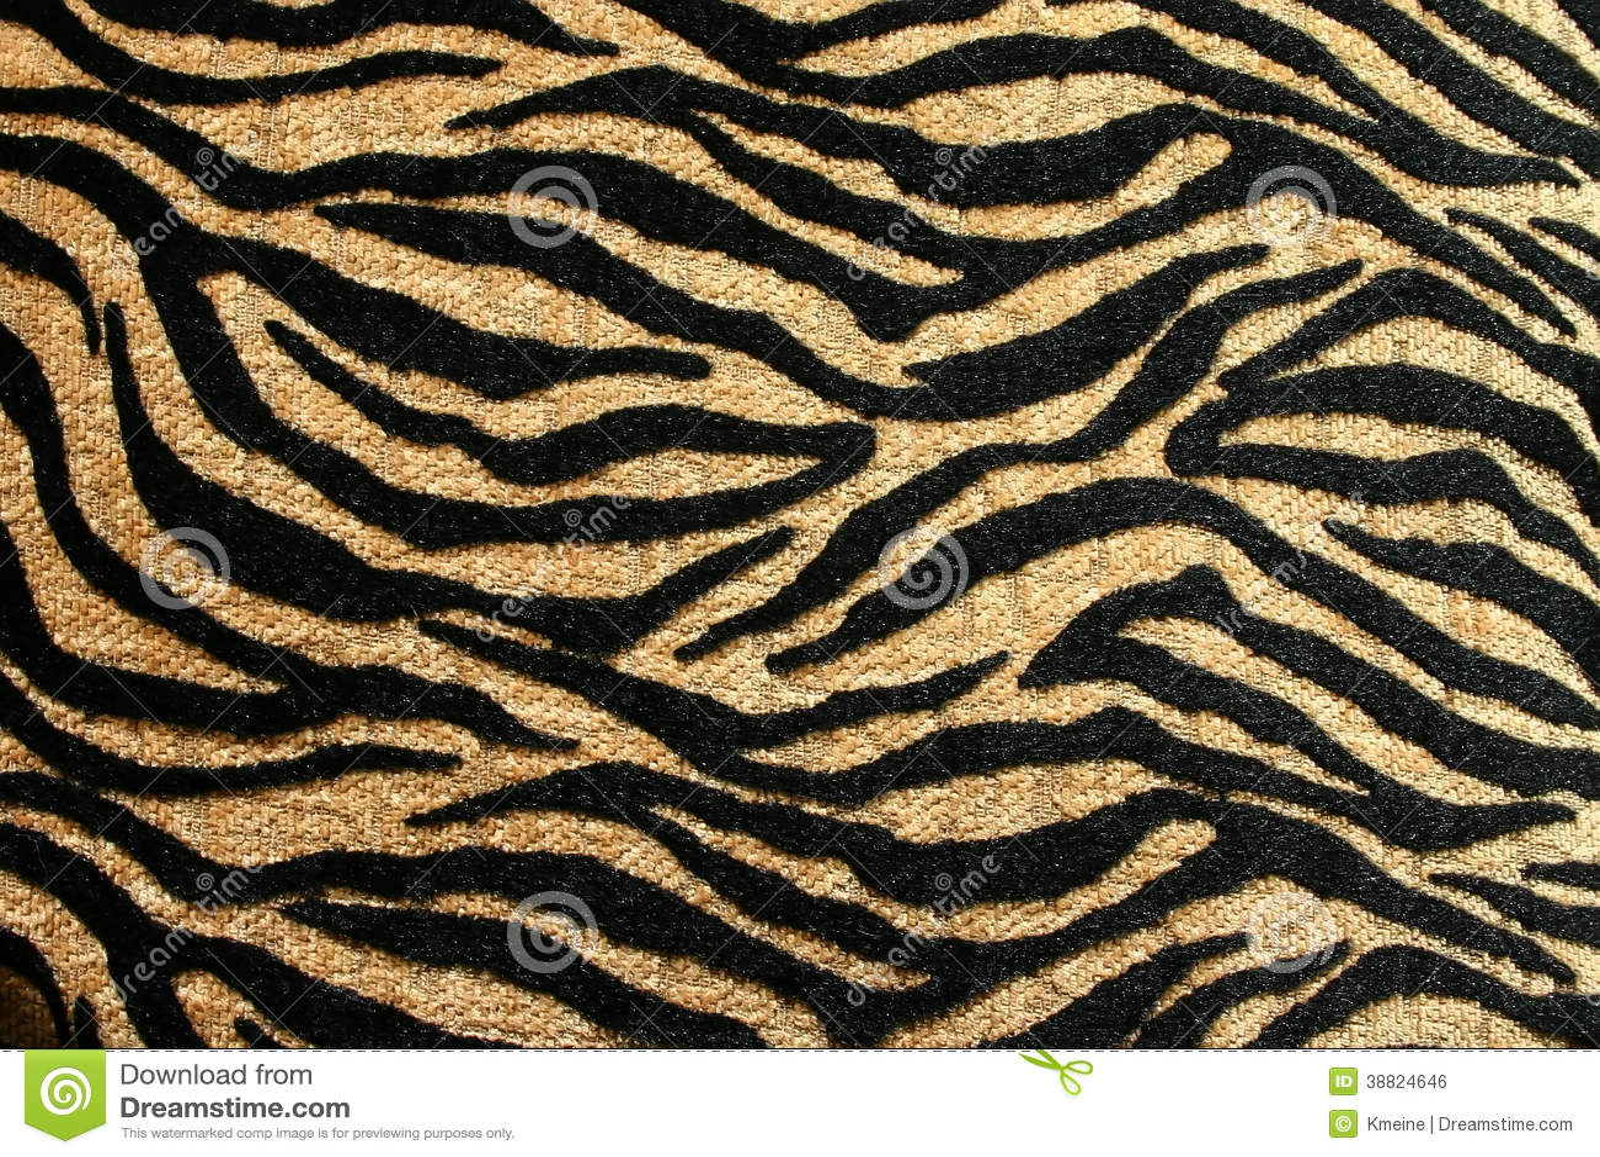 Gold und Schwarzes Tiger Design mit Rich Texture